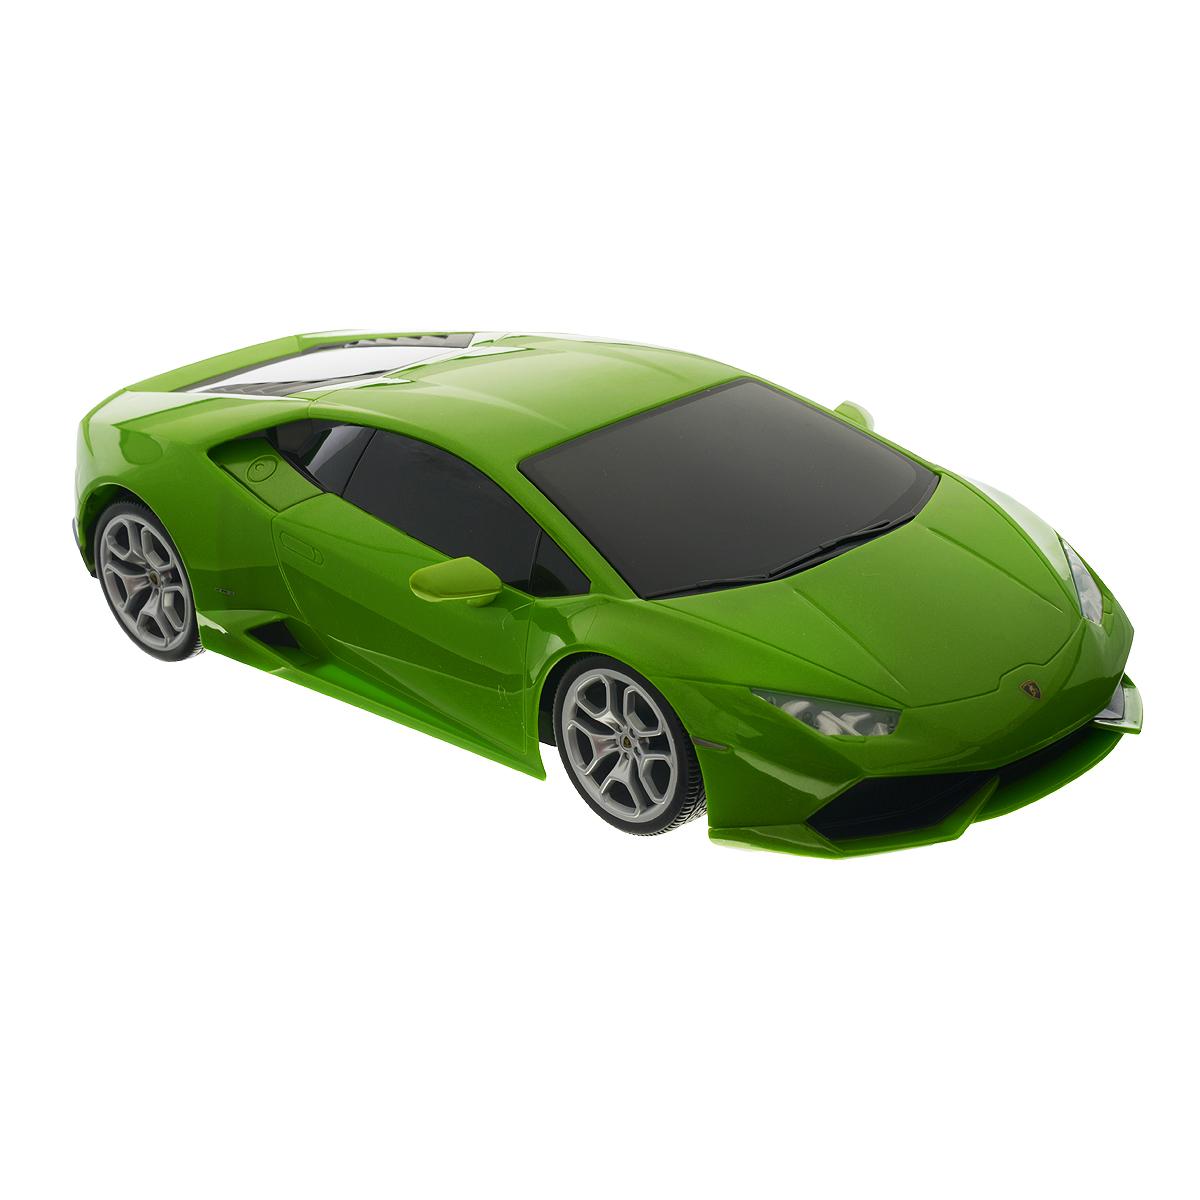 Maisto Радиоуправляемая модель Lamborghini Huracan LP 610-4 цвет салатовый81246Радиоуправляемая модель Maisto Lamborghini Huracan LP 610-4 обязательно привлечет внимание взрослого и ребенка, и несомненно понравится любому, кто увлекается автомобилями. Эта машина - точная копия автомобиля Lamborghini Huracan LP 610-4 в масштабе 1:14. Машинка изготовлена из высококачественного пластика, шины выполнены из мягкой резины. Машинка может перемещаться вперед, дает задний ход, поворачивает влево и вправо, останавливается. При движении у машинки загораются фары. Ваш ребенок часами будет играть с моделью, придумывая различные истории и устраивая соревнования. Порадуйте его таким замечательным подарком! Для работы машинки требуются 6 батарей типа АА напряжением 1,5V (батарейки входят в комплект). Для работы пульта управления требуются 2 батареи напряжением 1,5V типа ААА (батарейки входят в комплект). Радиус действия пульта - 10 м.